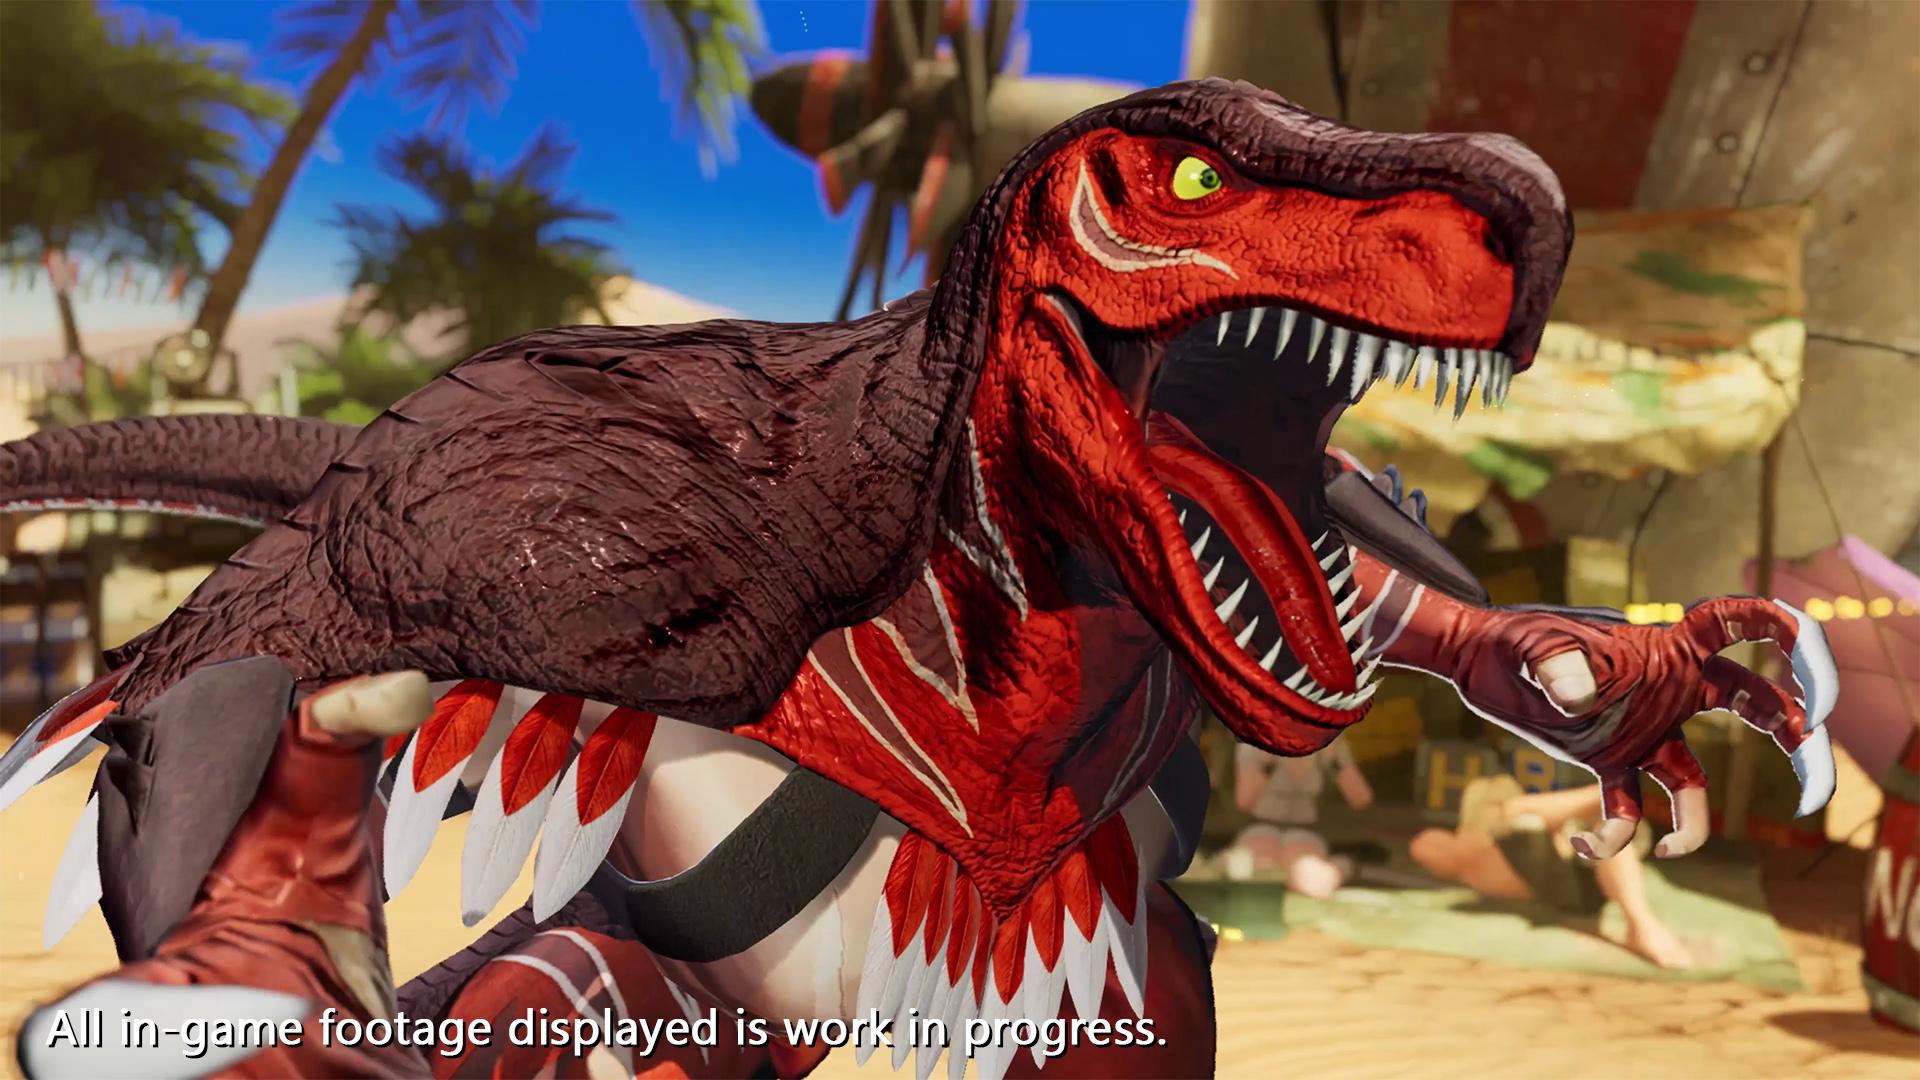 """《拳皇15》公布新角色""""恐龙之王""""宣传片 投技冲撞重型选手"""